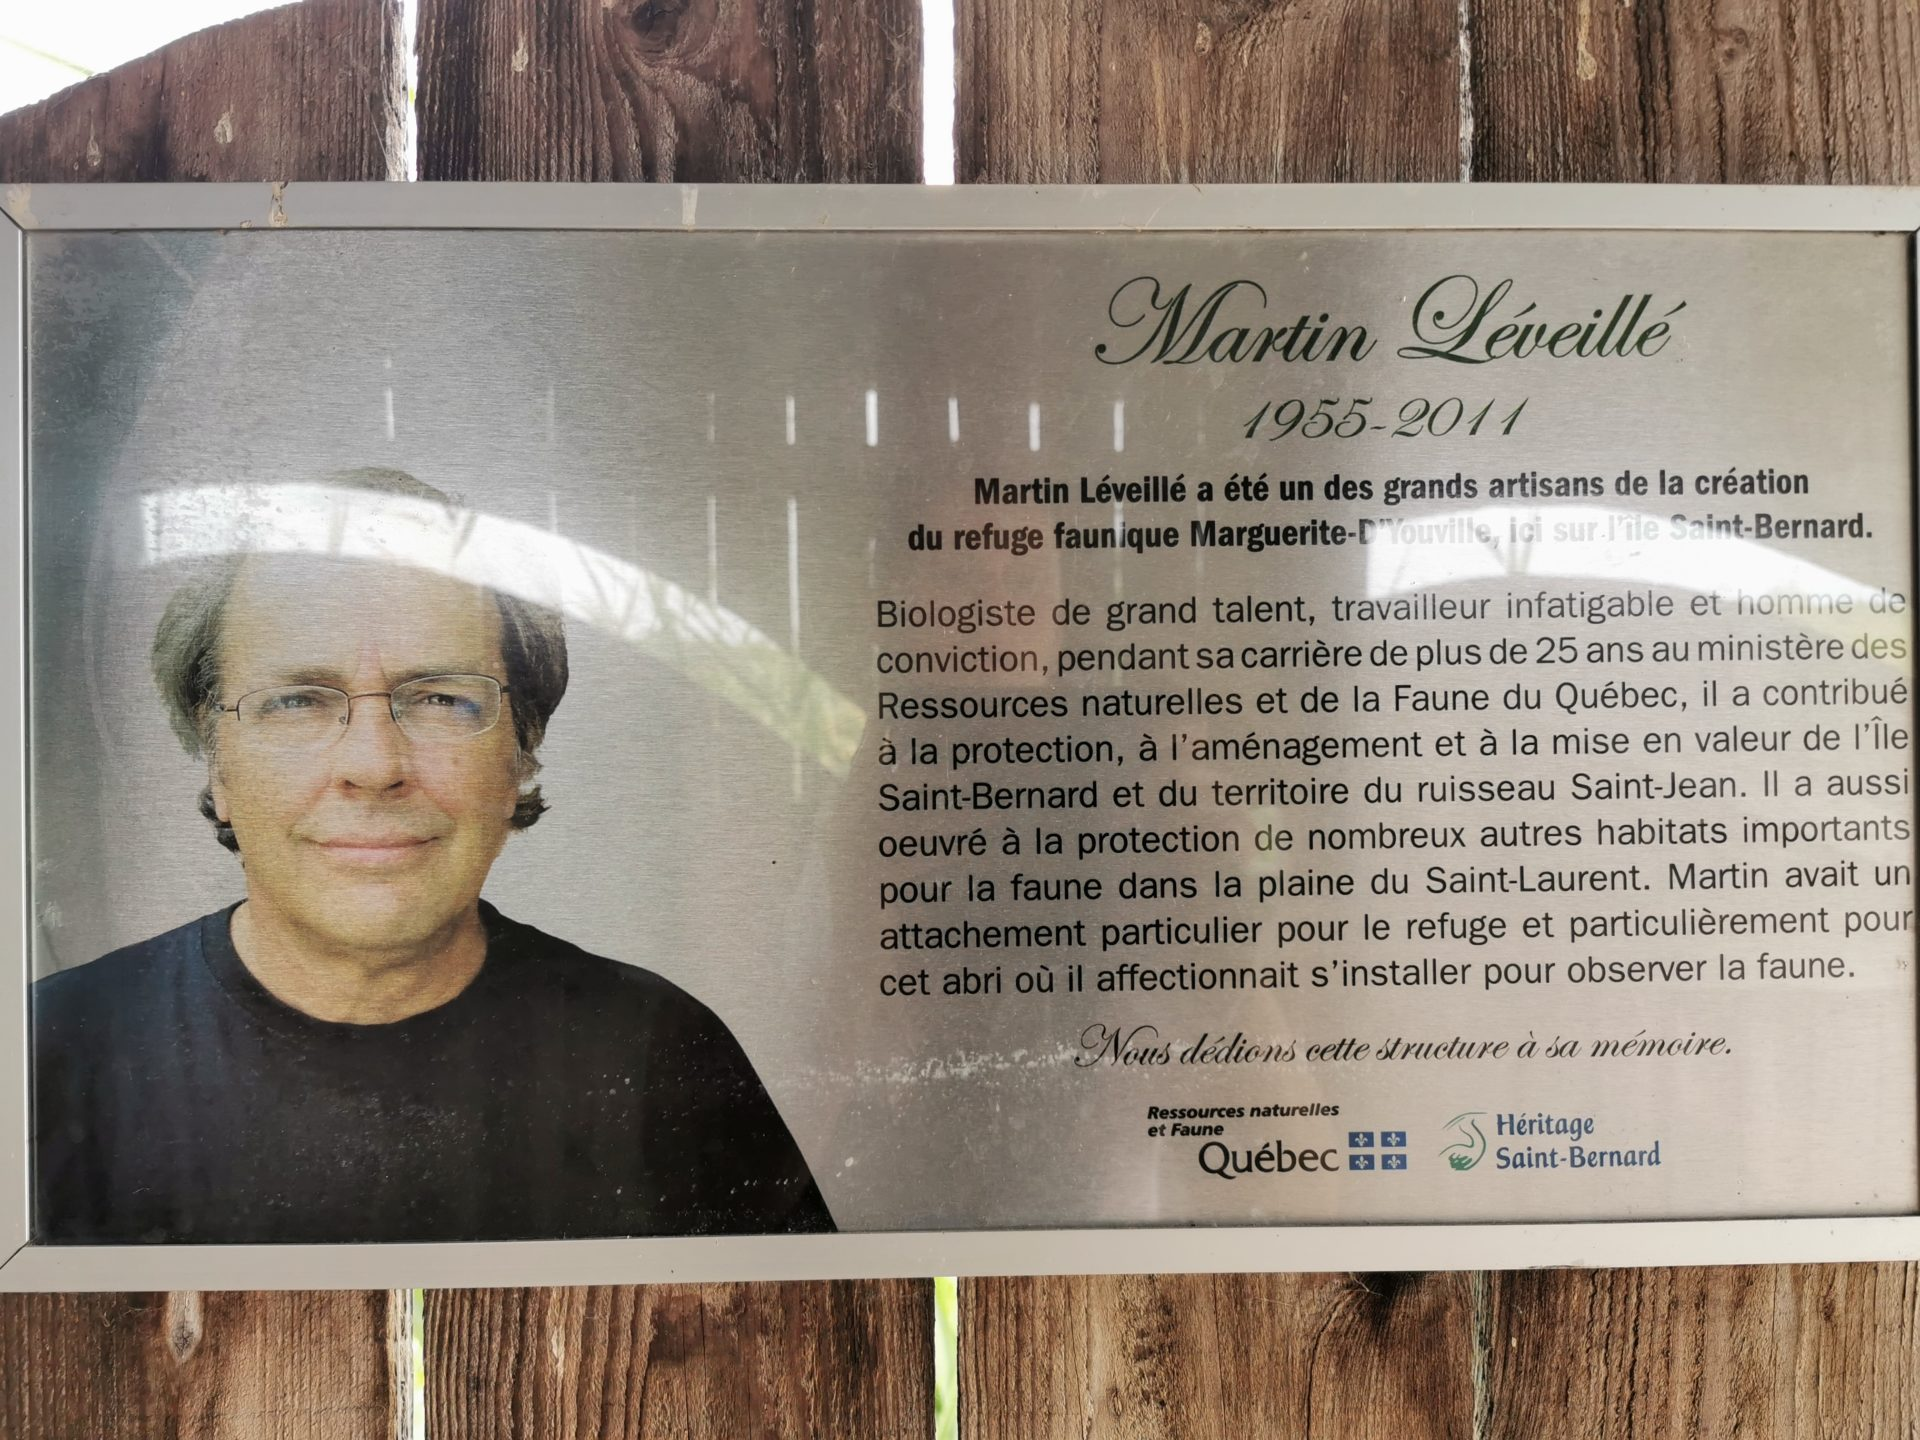 Martin Léveillé Refuge Marguerite DYouville VoyagesPIA - Châteauguay